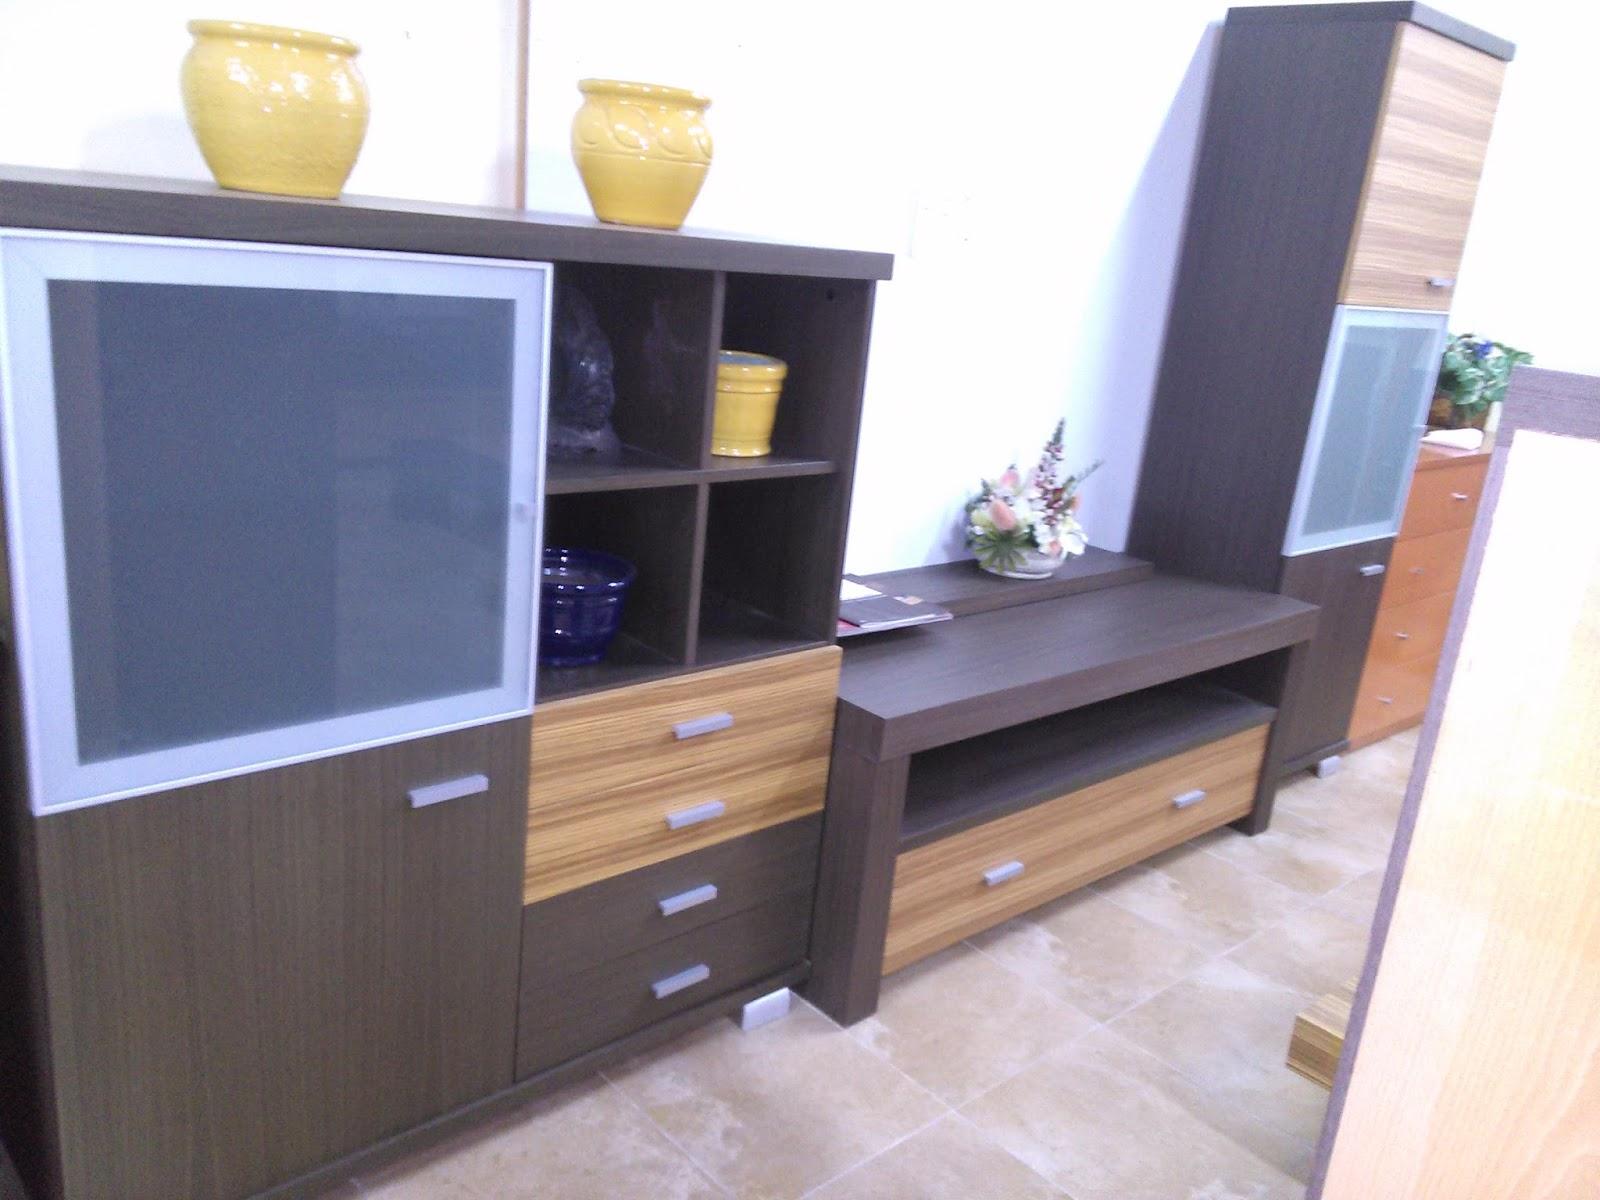 Muebles arcecoll vajilleros mueble auxiliar archivador for Mueble archivador